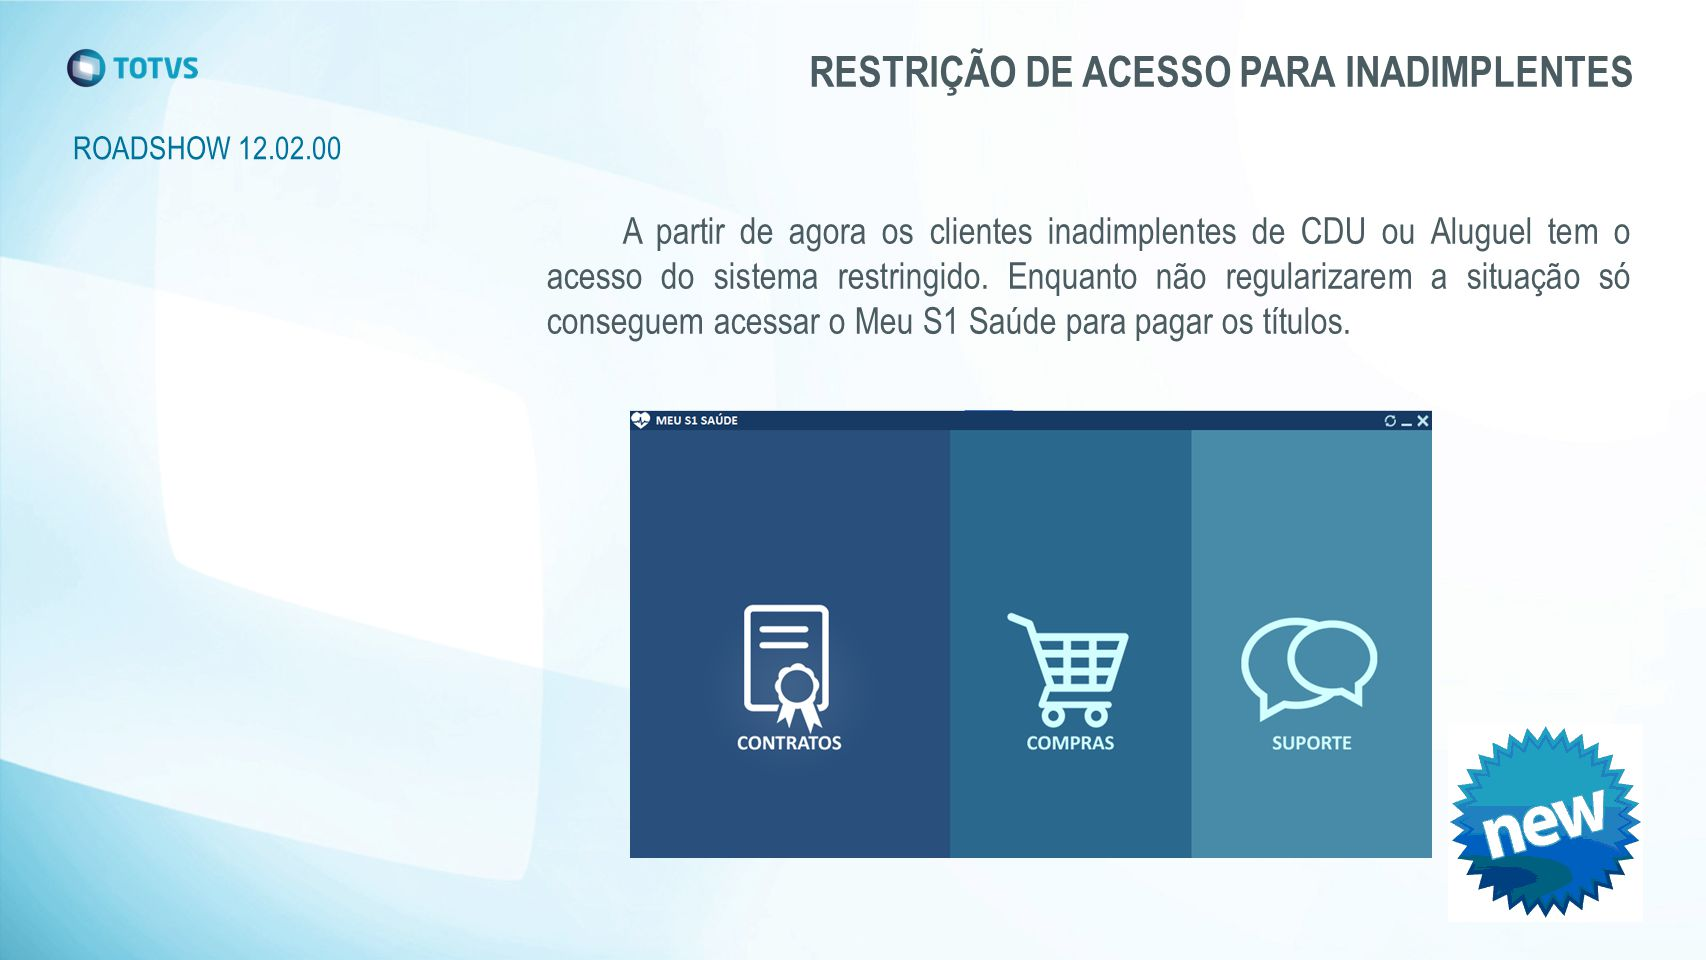 RESTRIÇÃO DE ACESSO PARA INADIMPLENTES